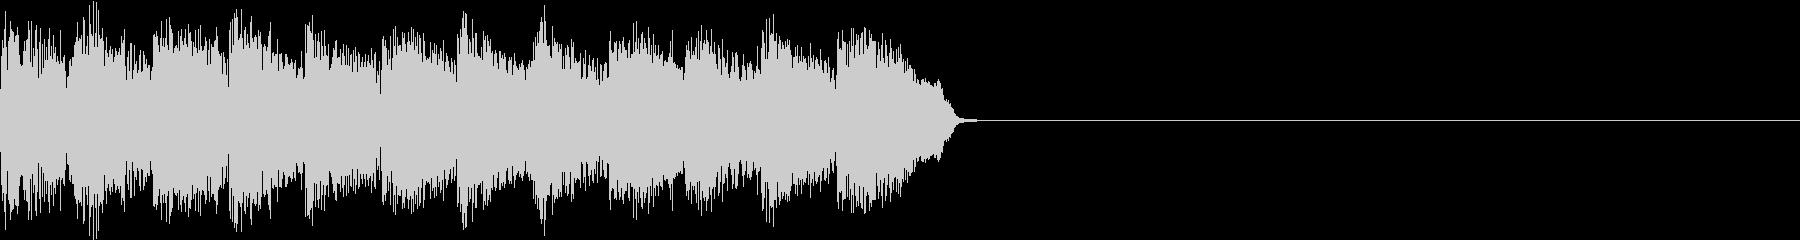 サイレン アラーム ファミコン 告知2の未再生の波形